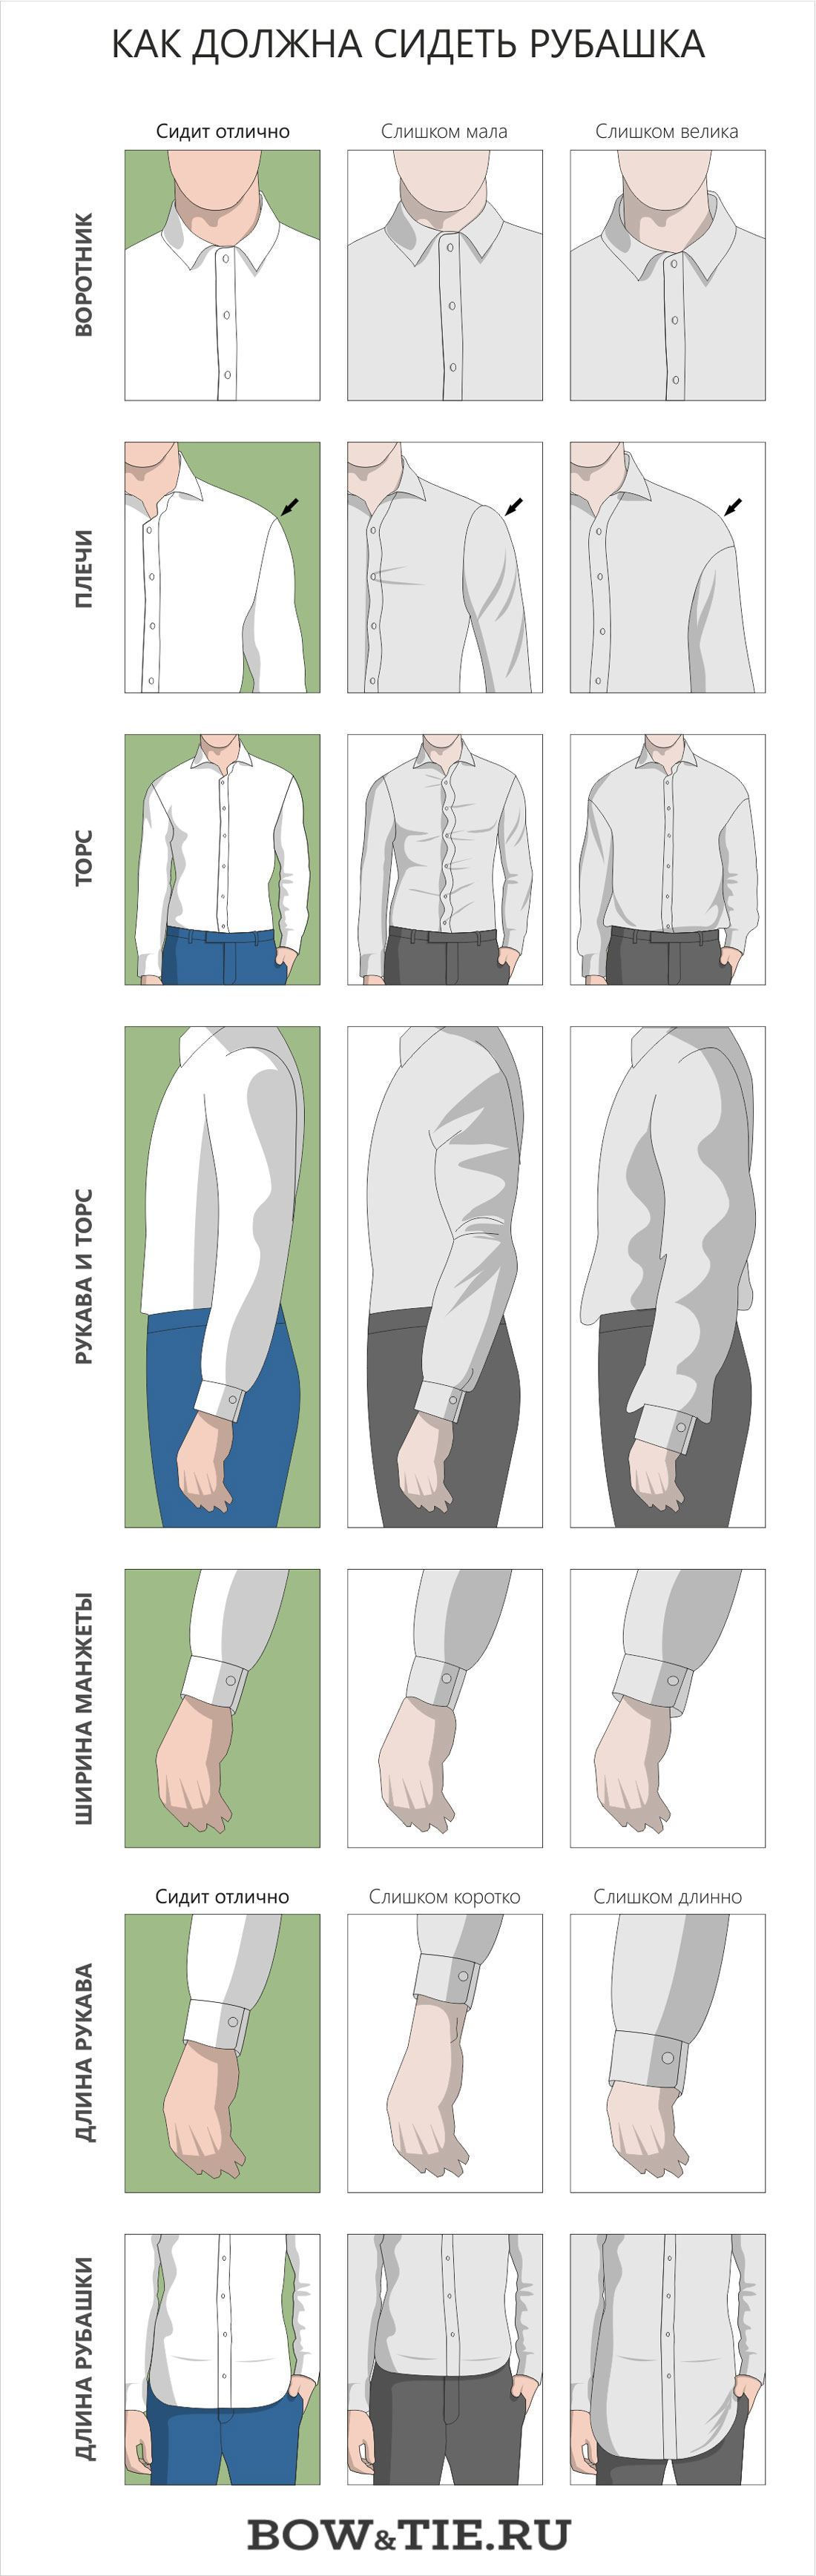 Как должна сидеть рубашка инфографика